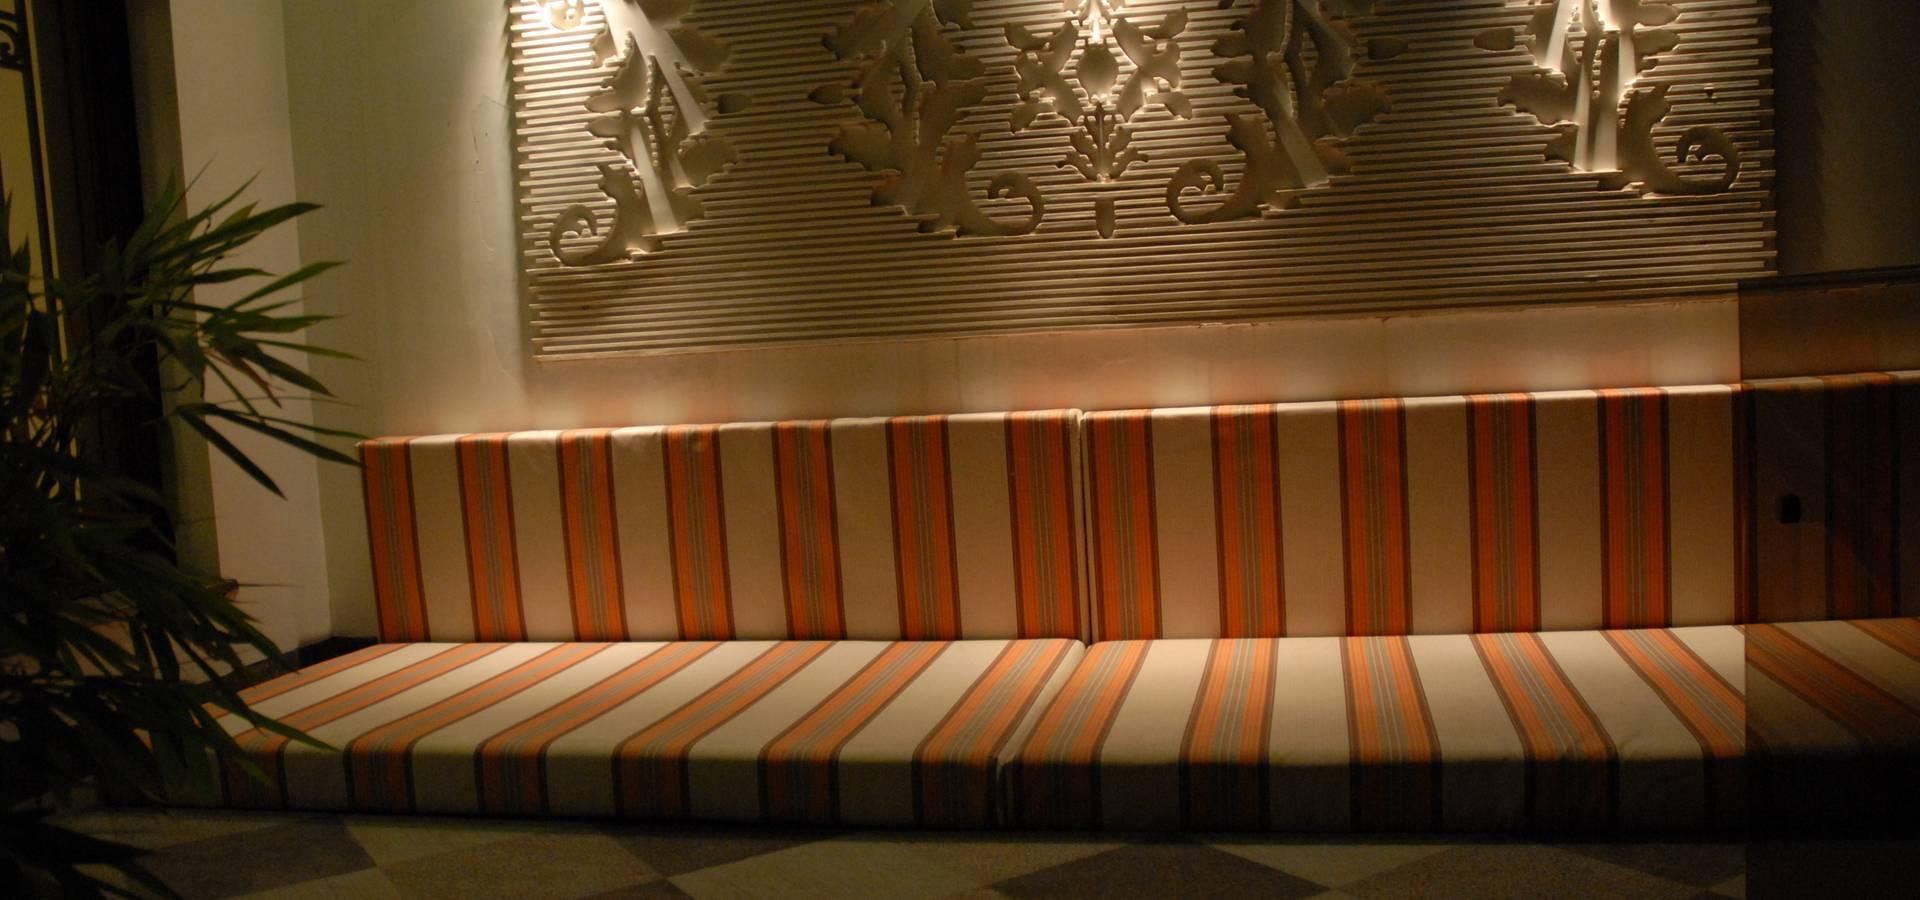 Tanish Design